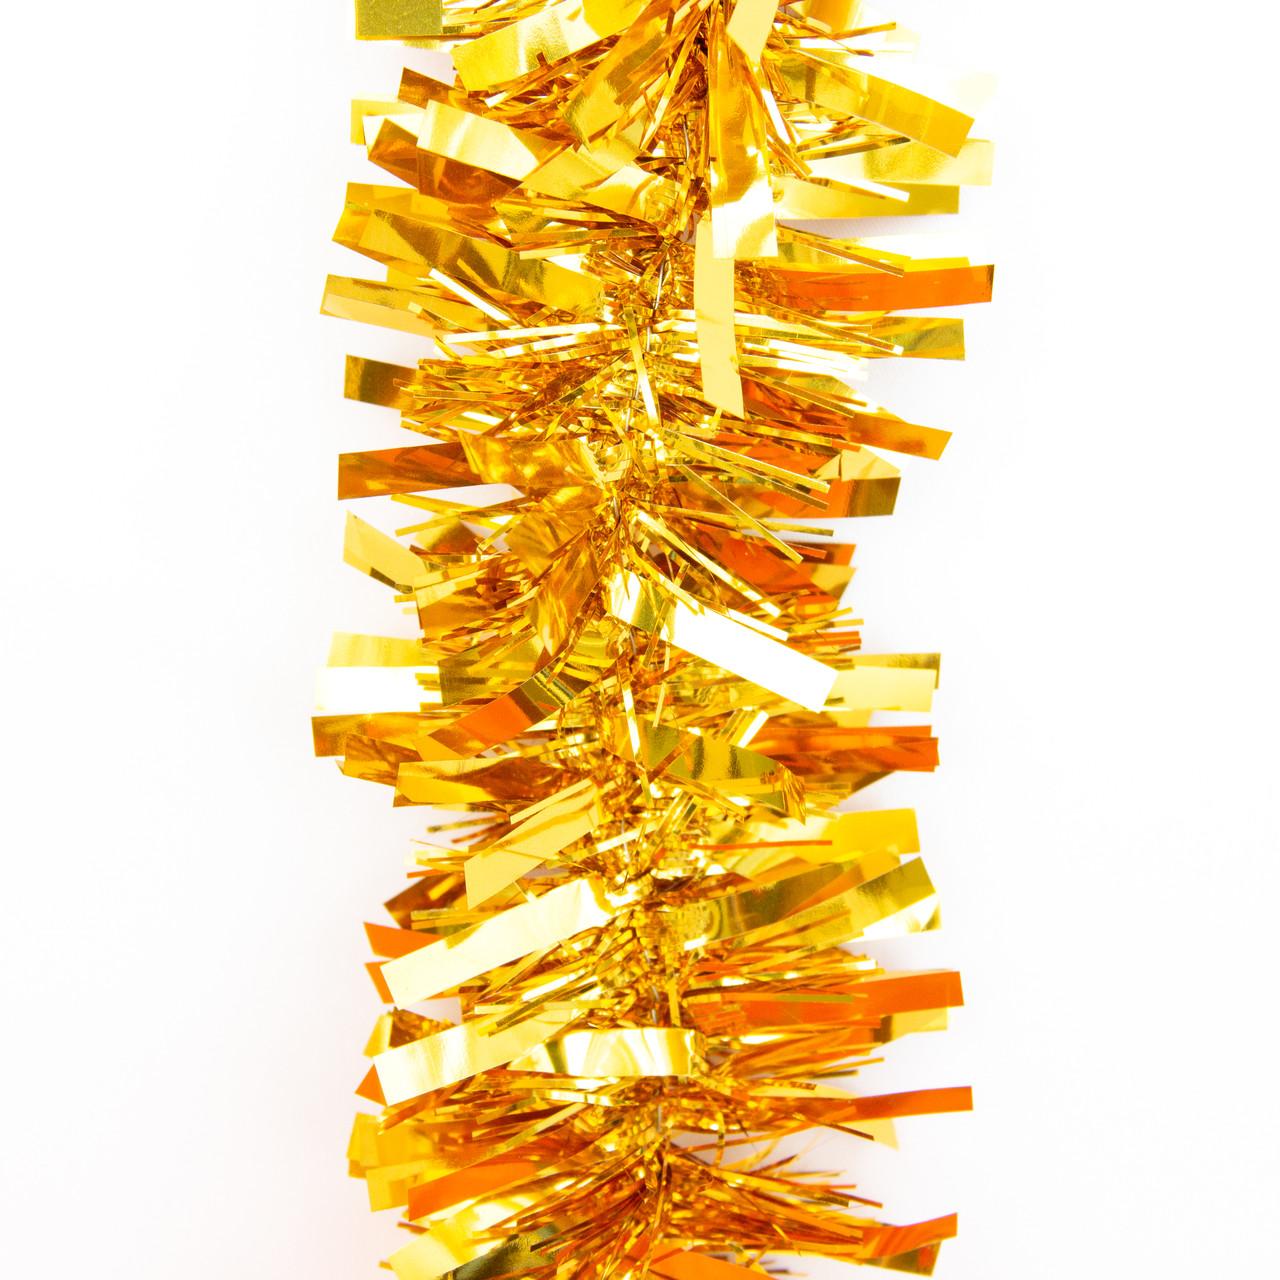 Новогоднее украшение - мишура, 200*7 см, ПВХ, золотистый (ГН-50/70/2-2)